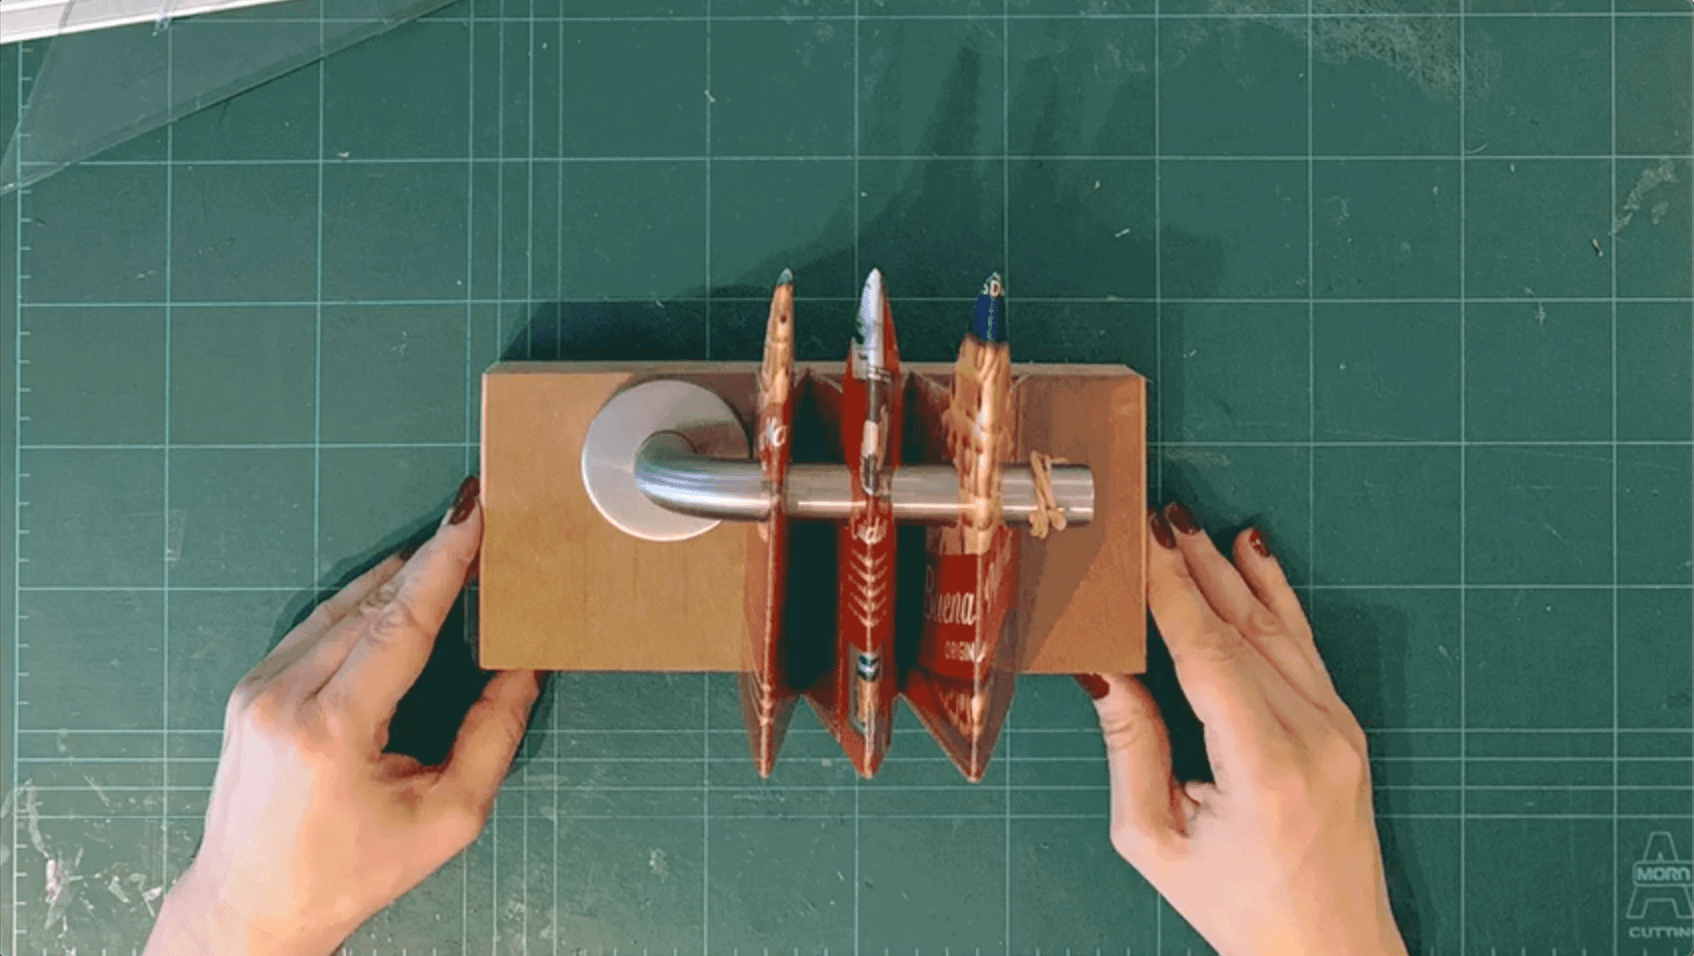 El Protector de manillas DIY que evita contagios que puedes construir gratis 88